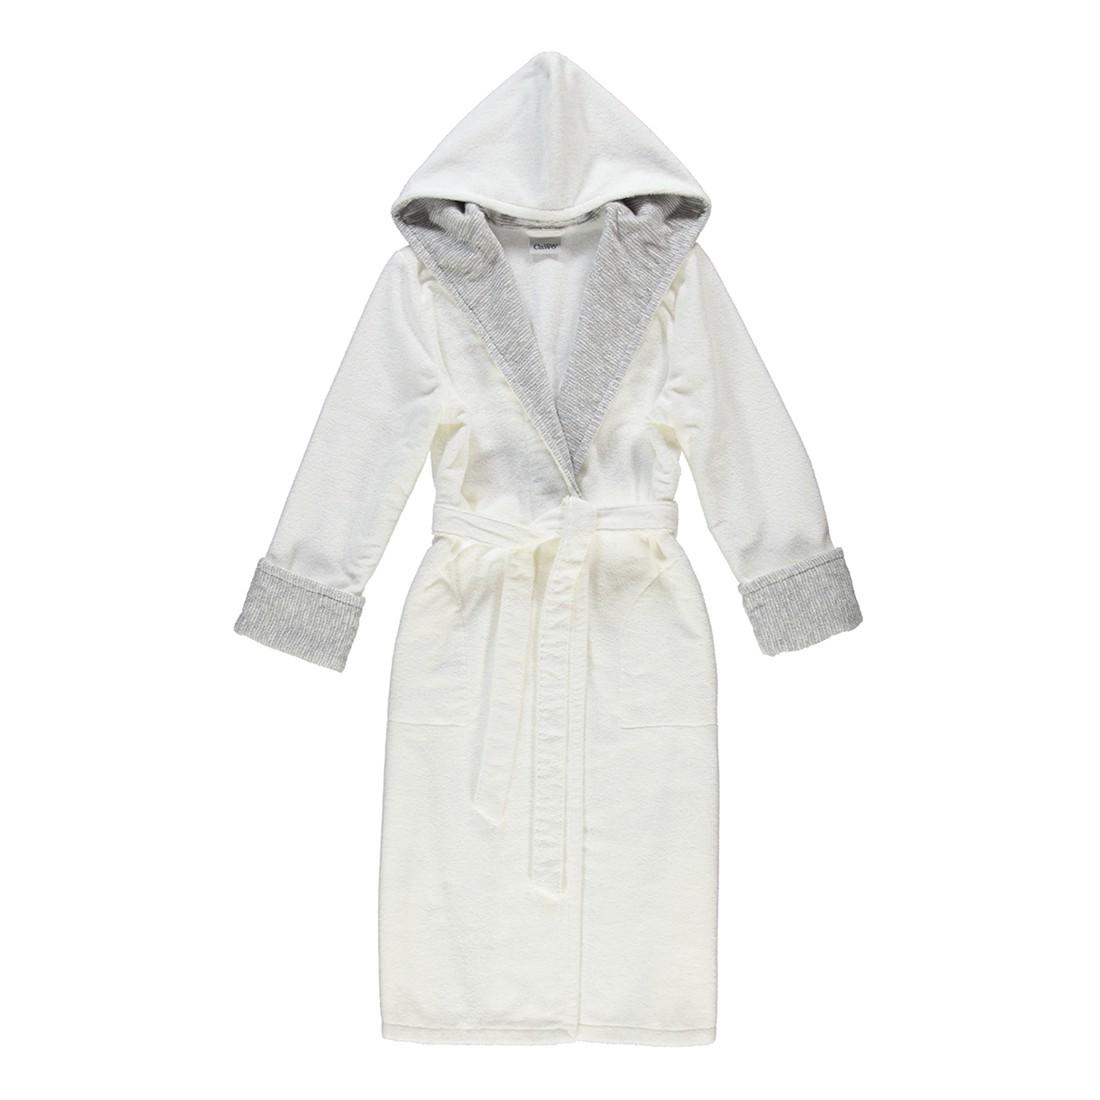 Bademantel 5221 – Damen FRottier – 100% Baumwolle Weiß/Silber – 600 – Größe: XL, Cawö günstig online kaufen